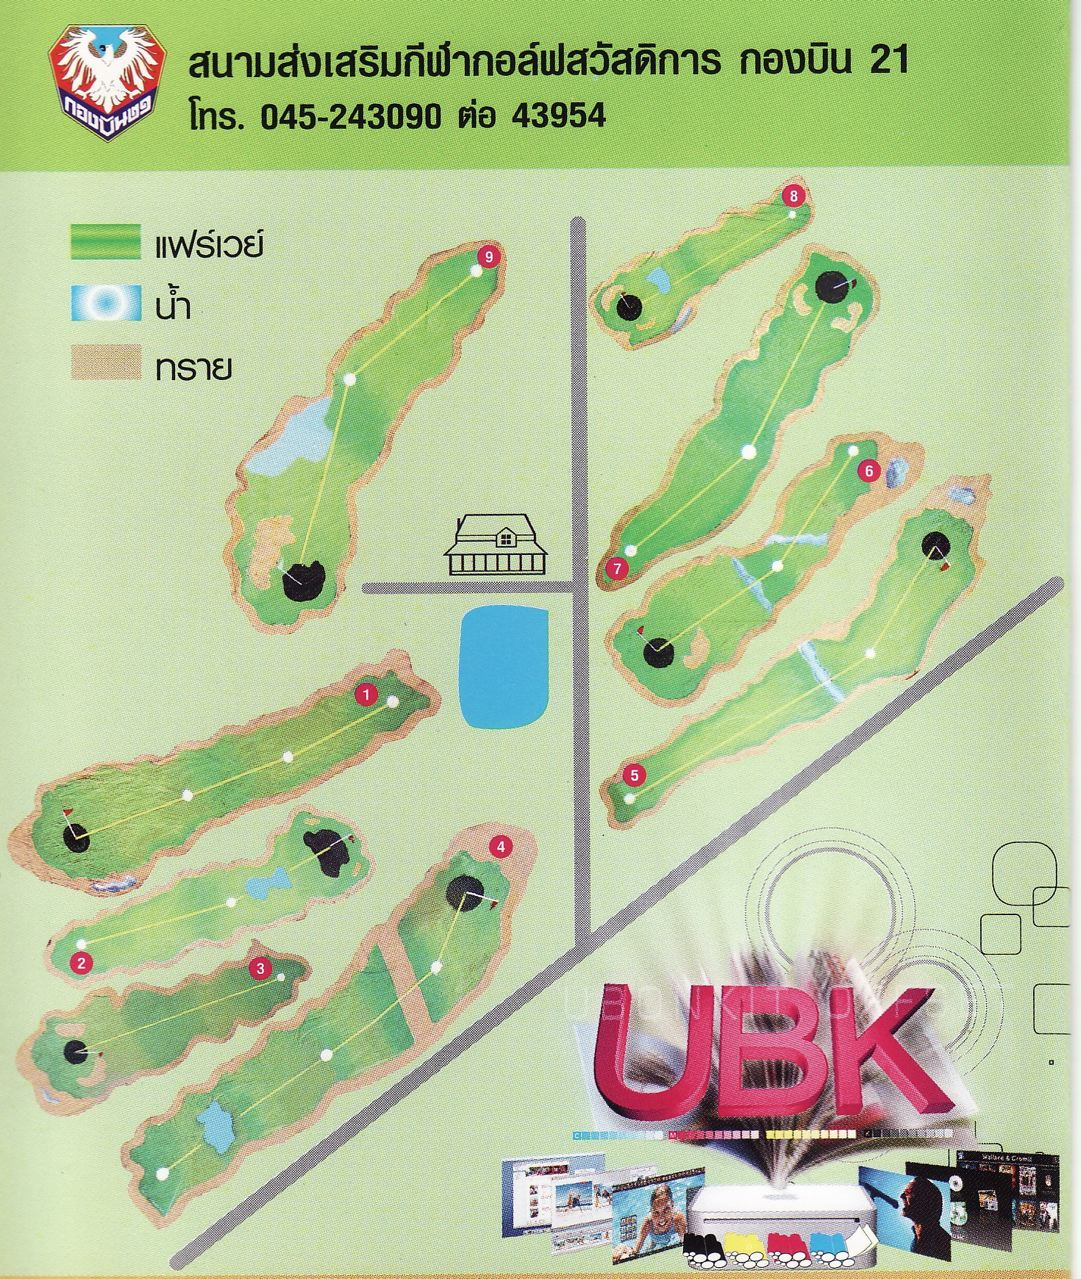 สนามส่งเสริมกีฬากอล์ฟสวัสดิการ กองบิน 21 wing 21 air force ubon golf course